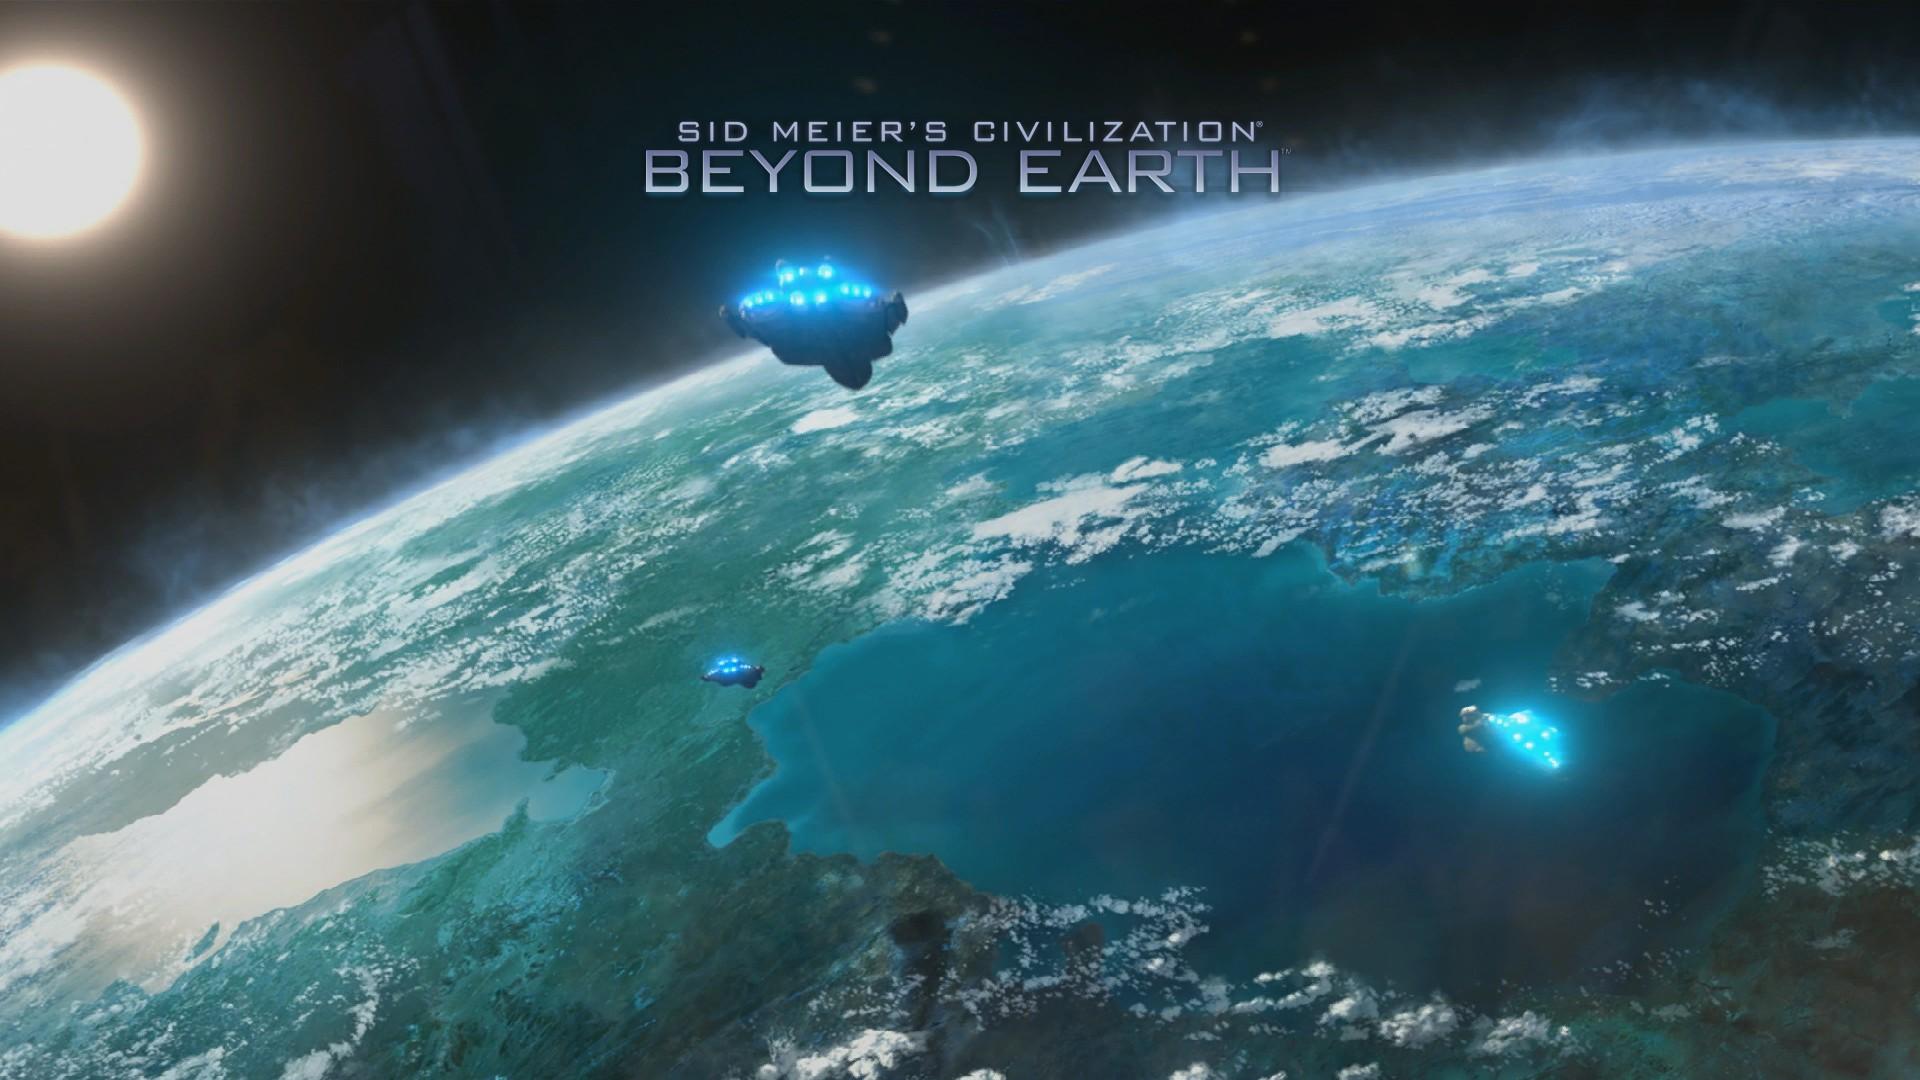 01. Beyond Earth